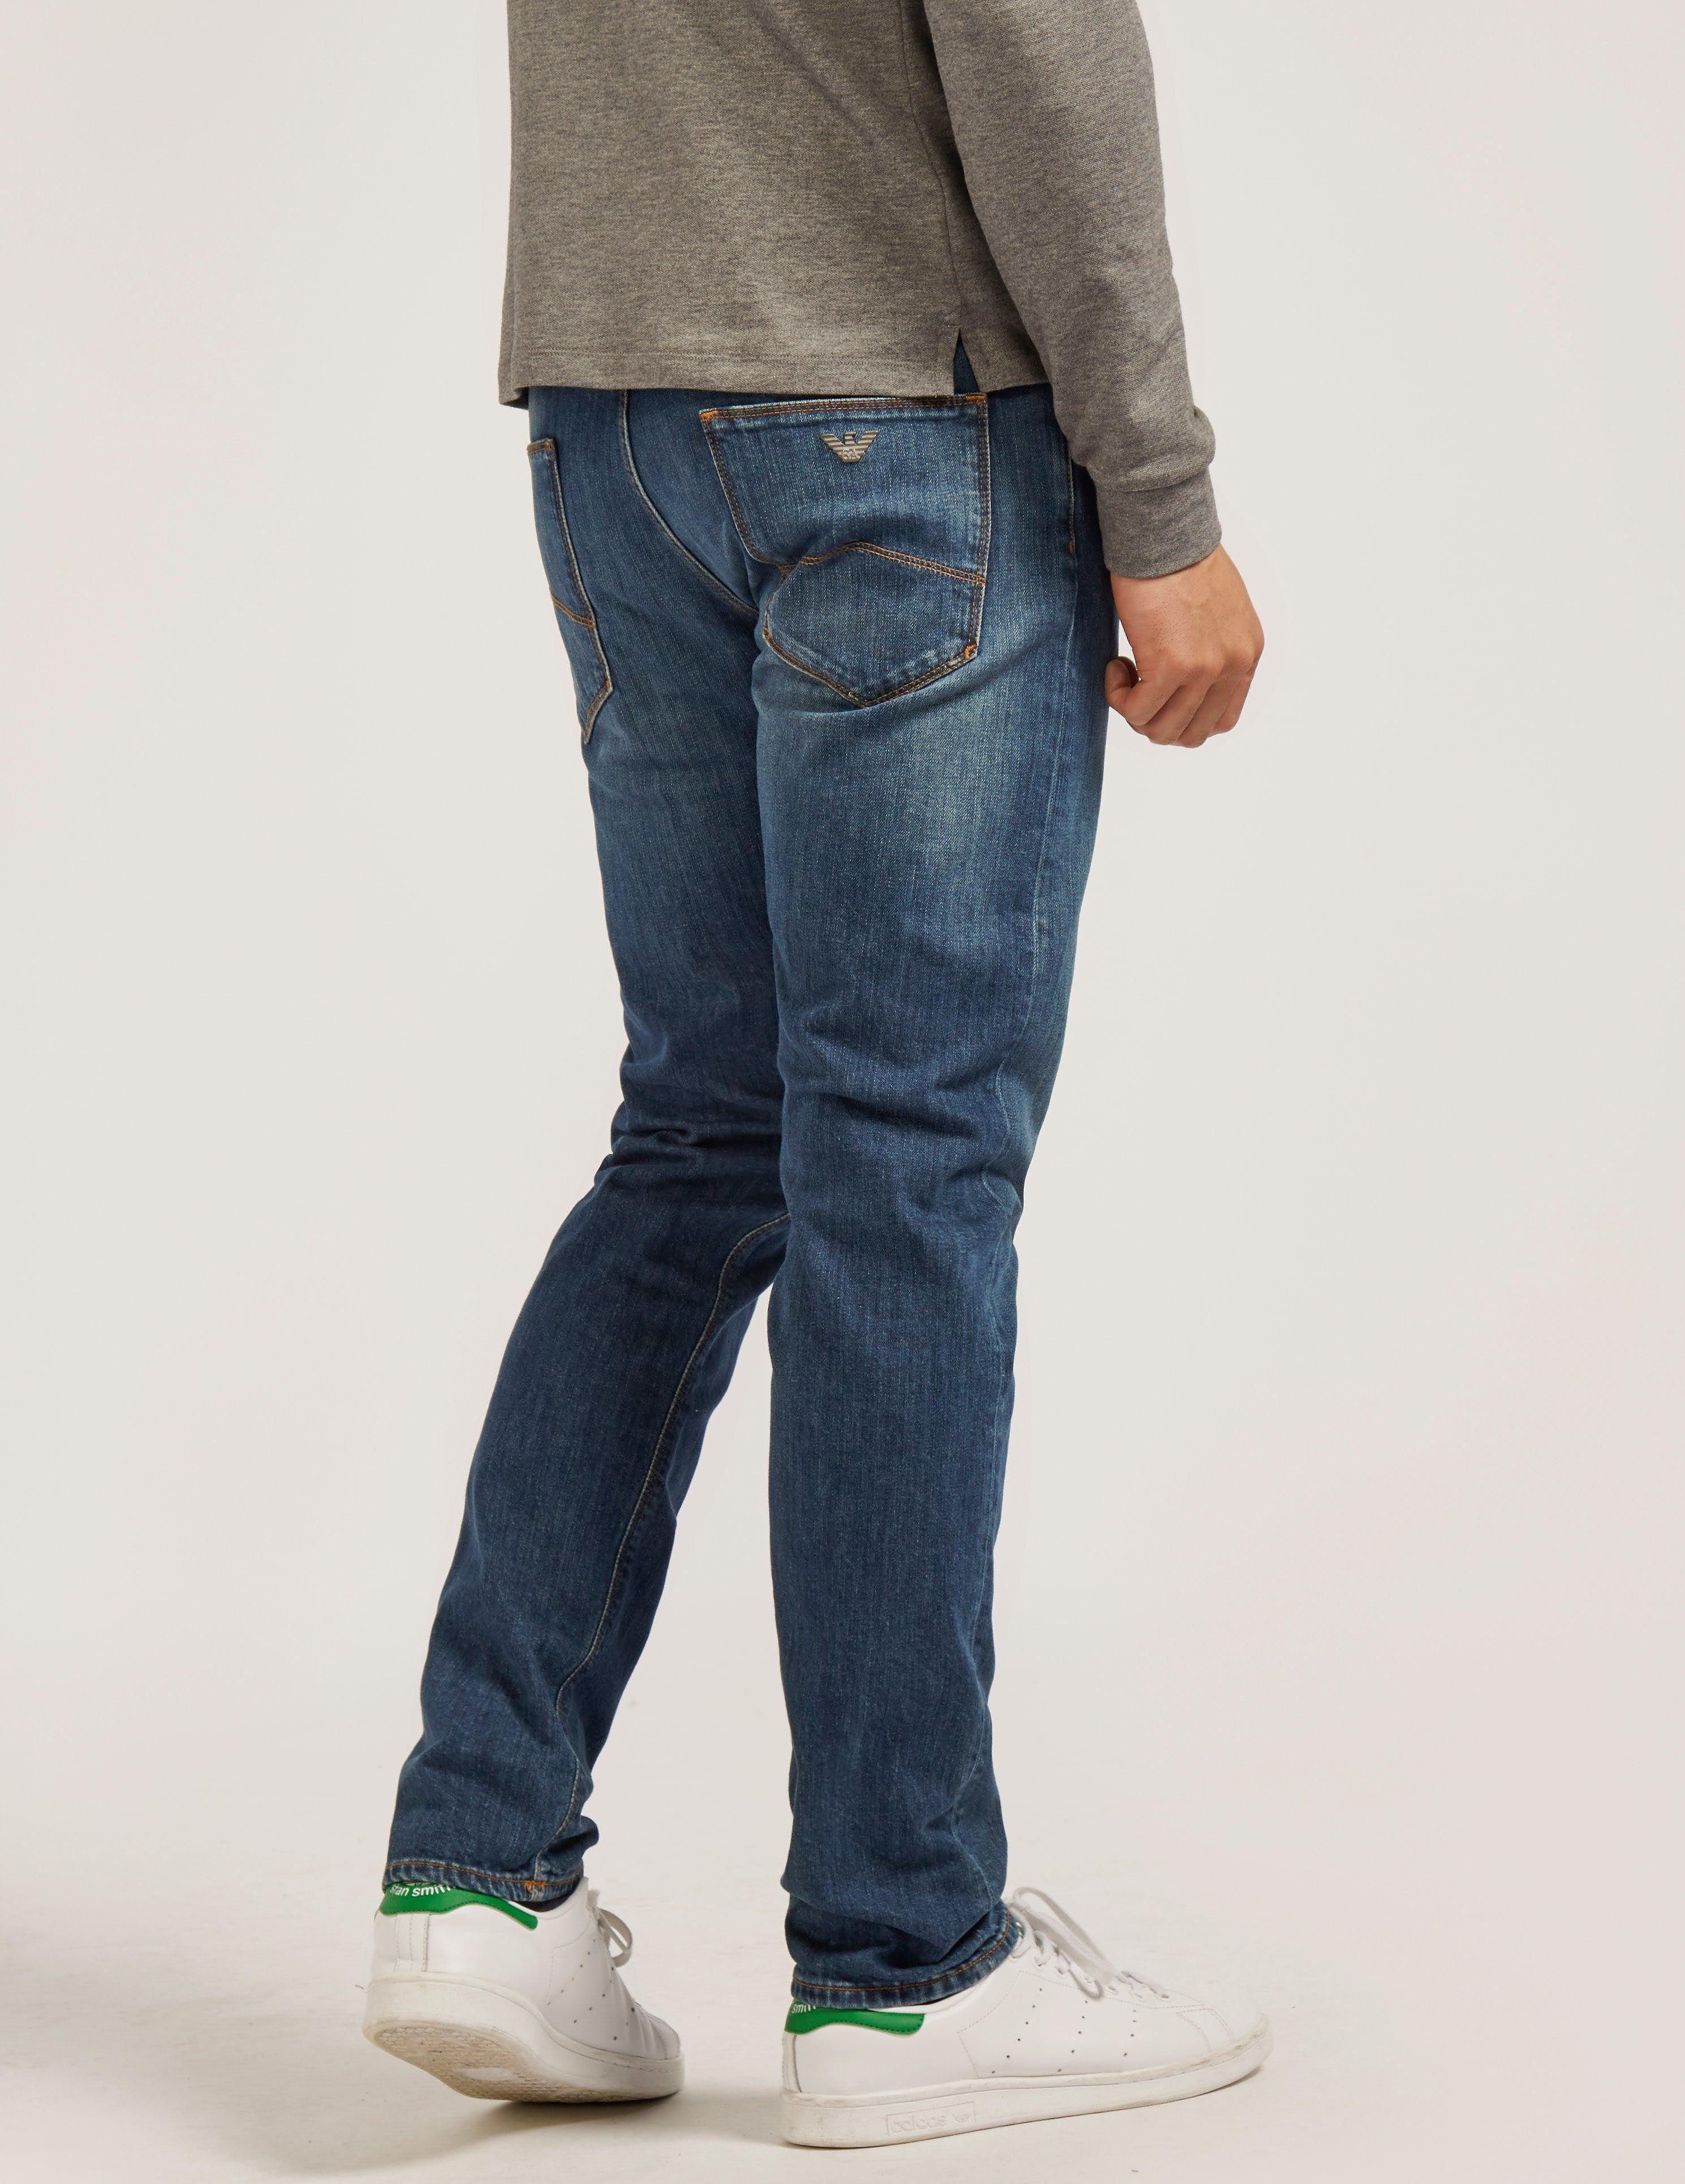 Armani Jeans J06 Midwash Jean